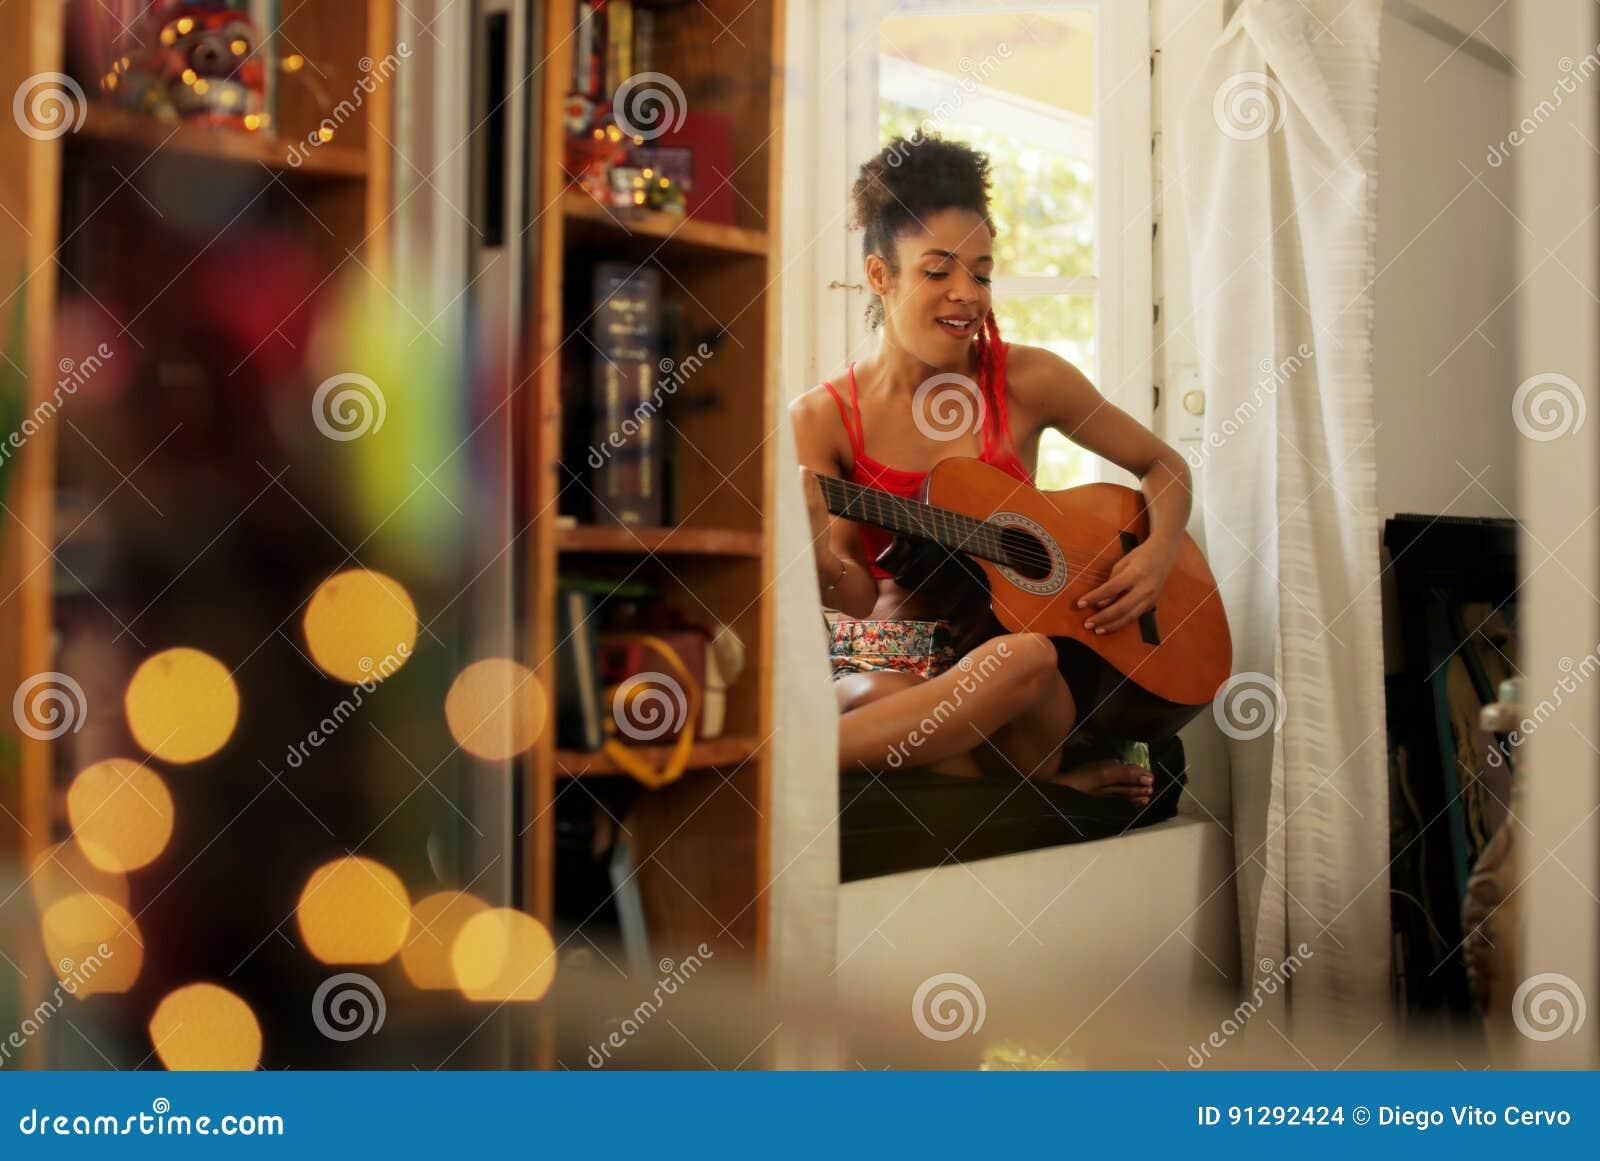 Svart kvinna som hemma sjunger och spelar gitarren